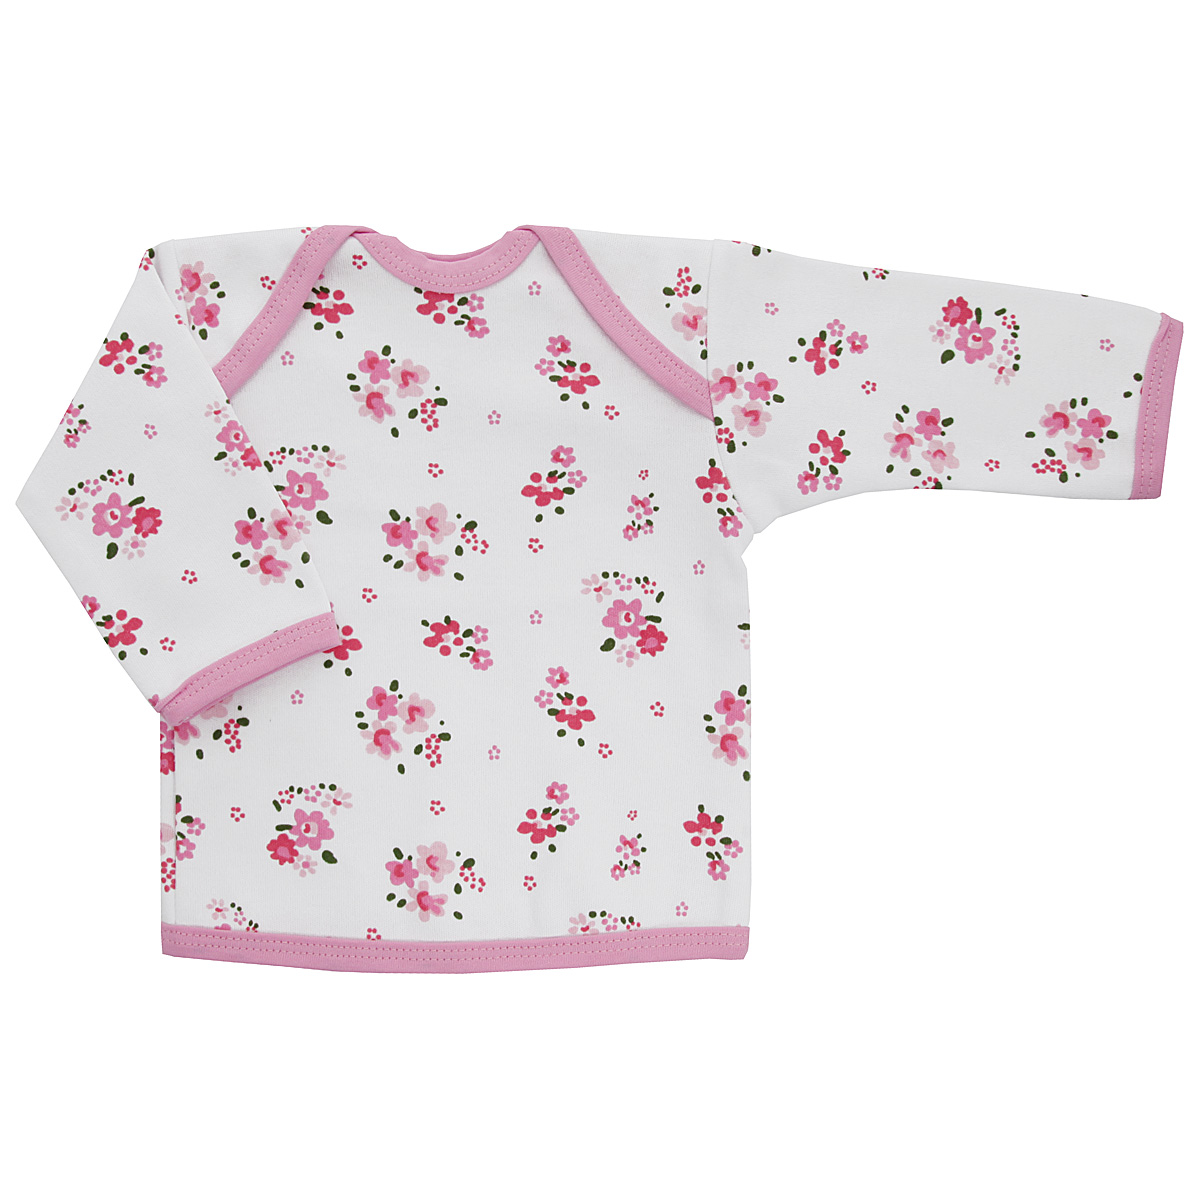 Футболка с длинным рукавом для девочки Трон-плюс, цвет: белый, розовый. 5611_цветы. Размер 74, 9 месяцев5611_цветыУдобная футболка для девочки Трон-плюс с длинными рукавами послужит идеальным дополнением к гардеробу вашей малышки, обеспечивая ей наибольший комфорт. Изготовленная из интерлока - натурального хлопка, она необычайно мягкая и легкая, не раздражает нежную кожу ребенка и хорошо вентилируется, а эластичные швы приятны телу ребенка и не препятствуют его движениям. Удобные запахи на плечах помогают легко переодеть младенца. Горловина, низ модели и низ рукавов дополнены трикотажной бейкой. Спинка модели незначительно укорочена. Оформлено изделие цветочным принтом. Футболка полностью соответствует особенностям жизни ребенка в ранний период, не стесняя и не ограничивая его в движениях.